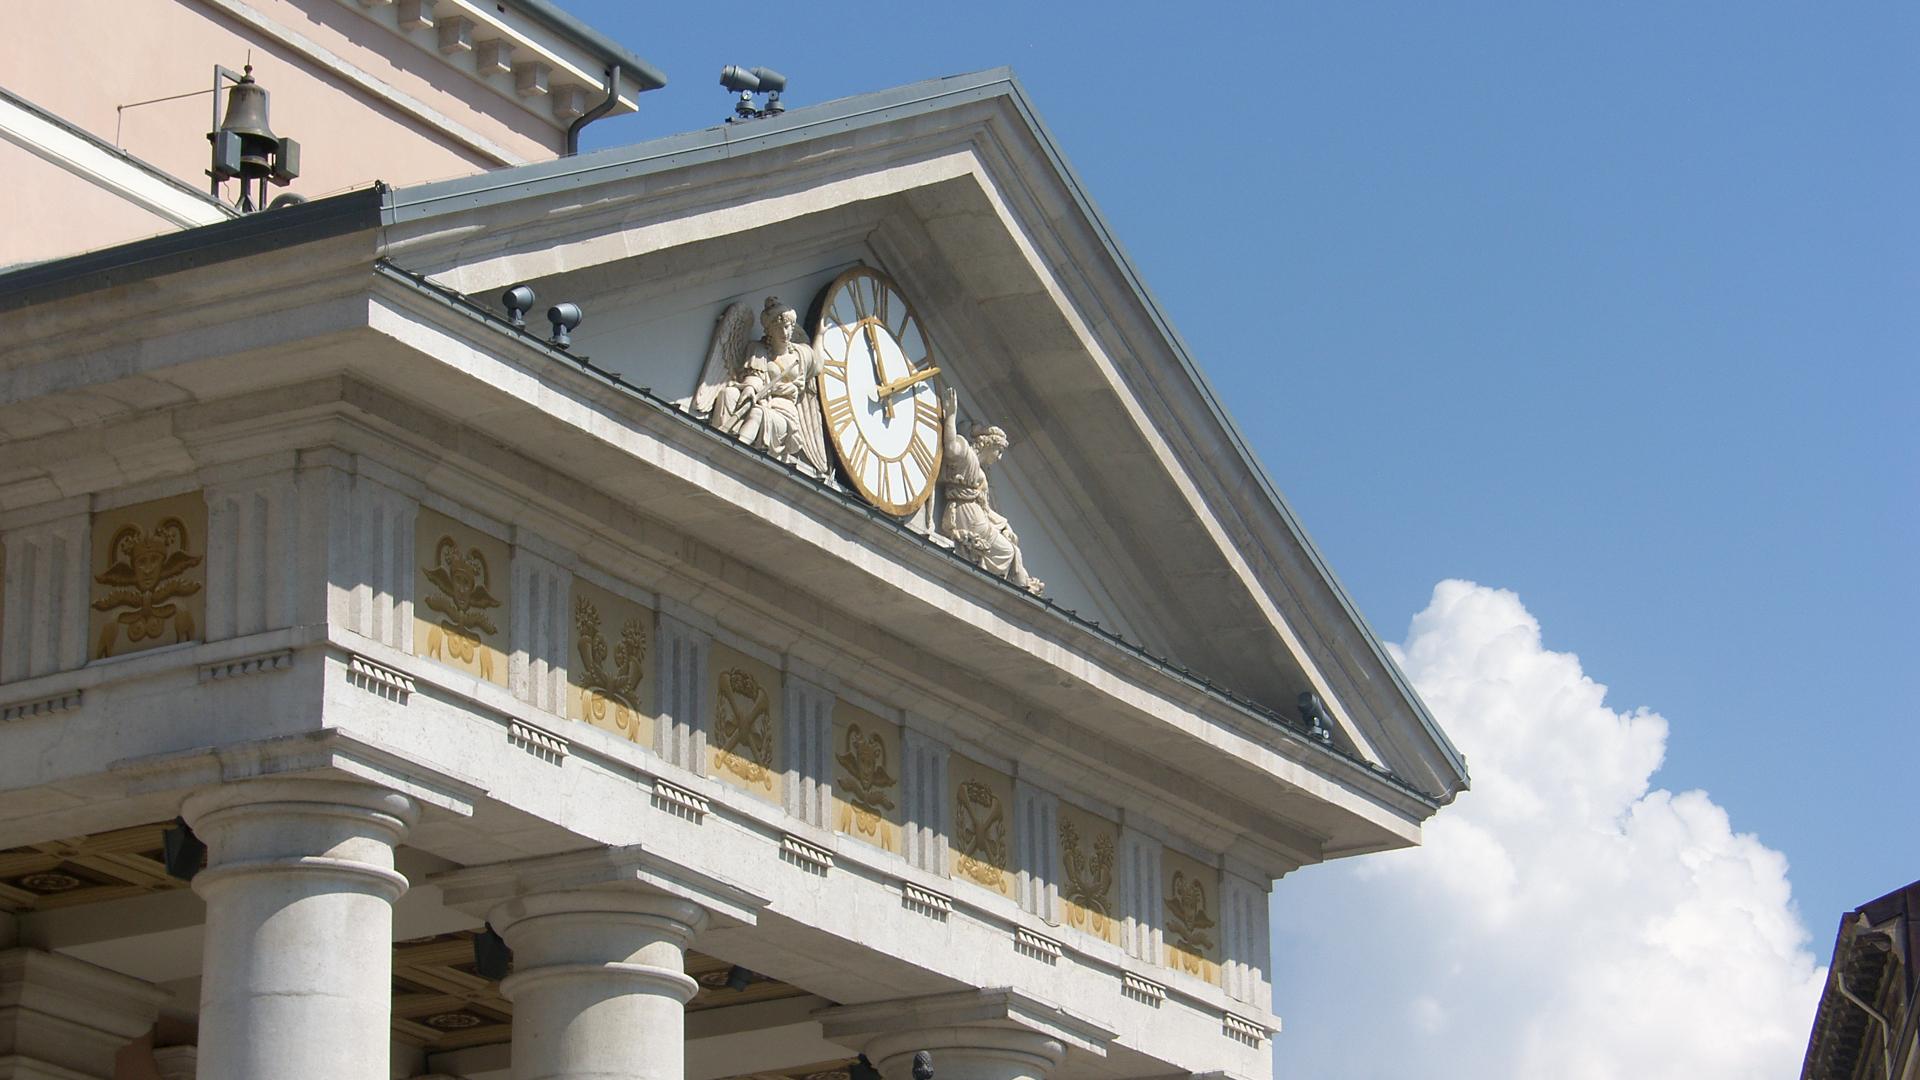 Triest-Uhr-Börsenplatz-Alte Börse-Zeit-Inside Politics-Blogger- Zehn Jahre